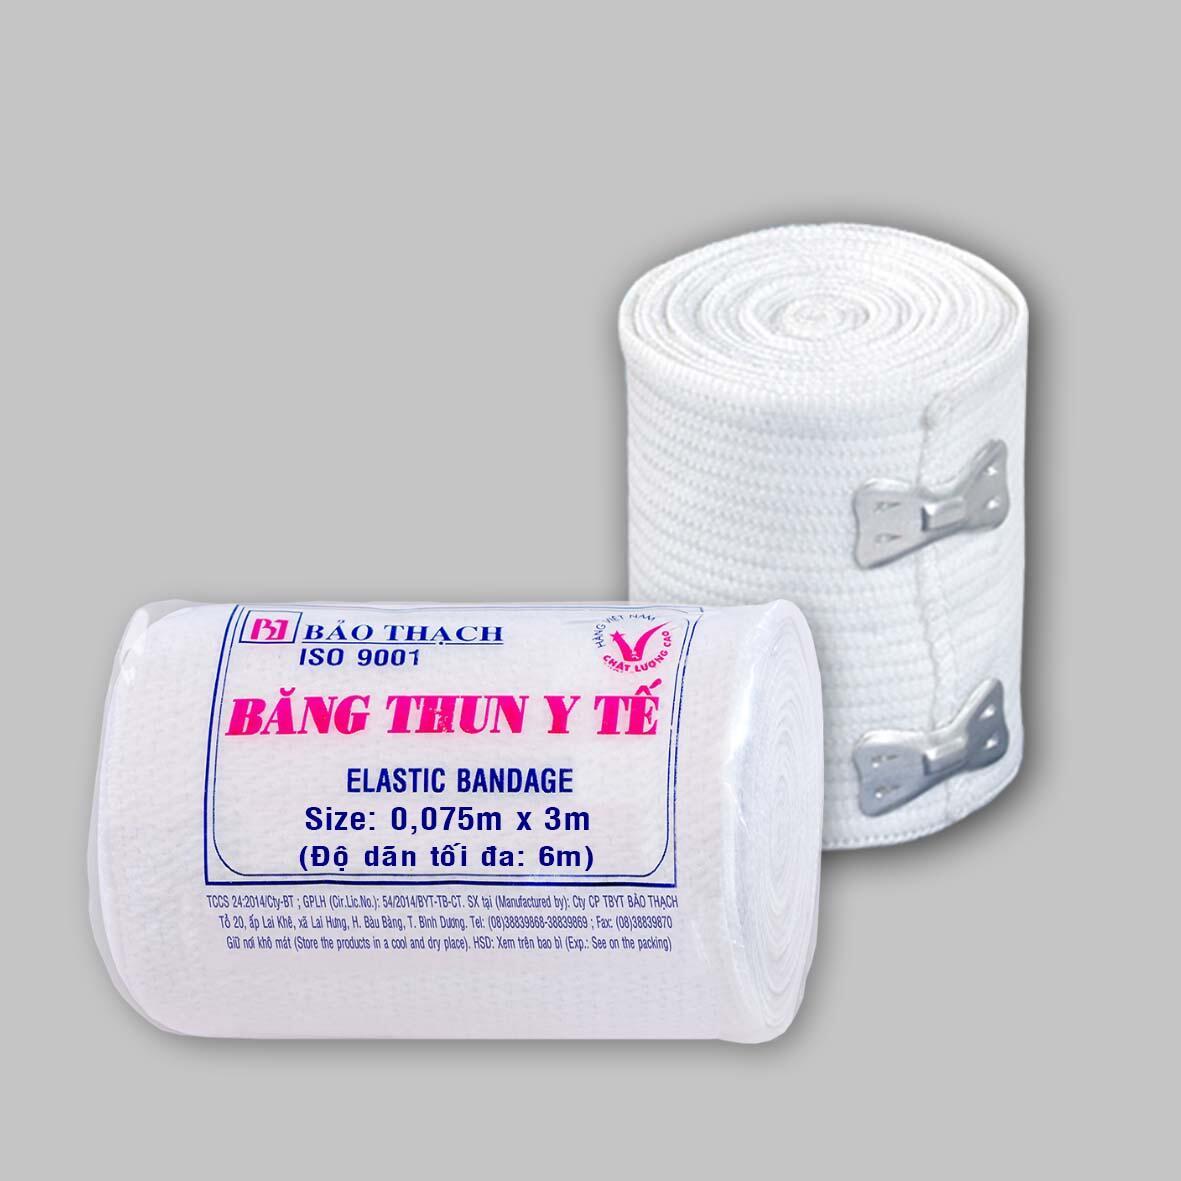 Băng thun y tế Bảo Thạch